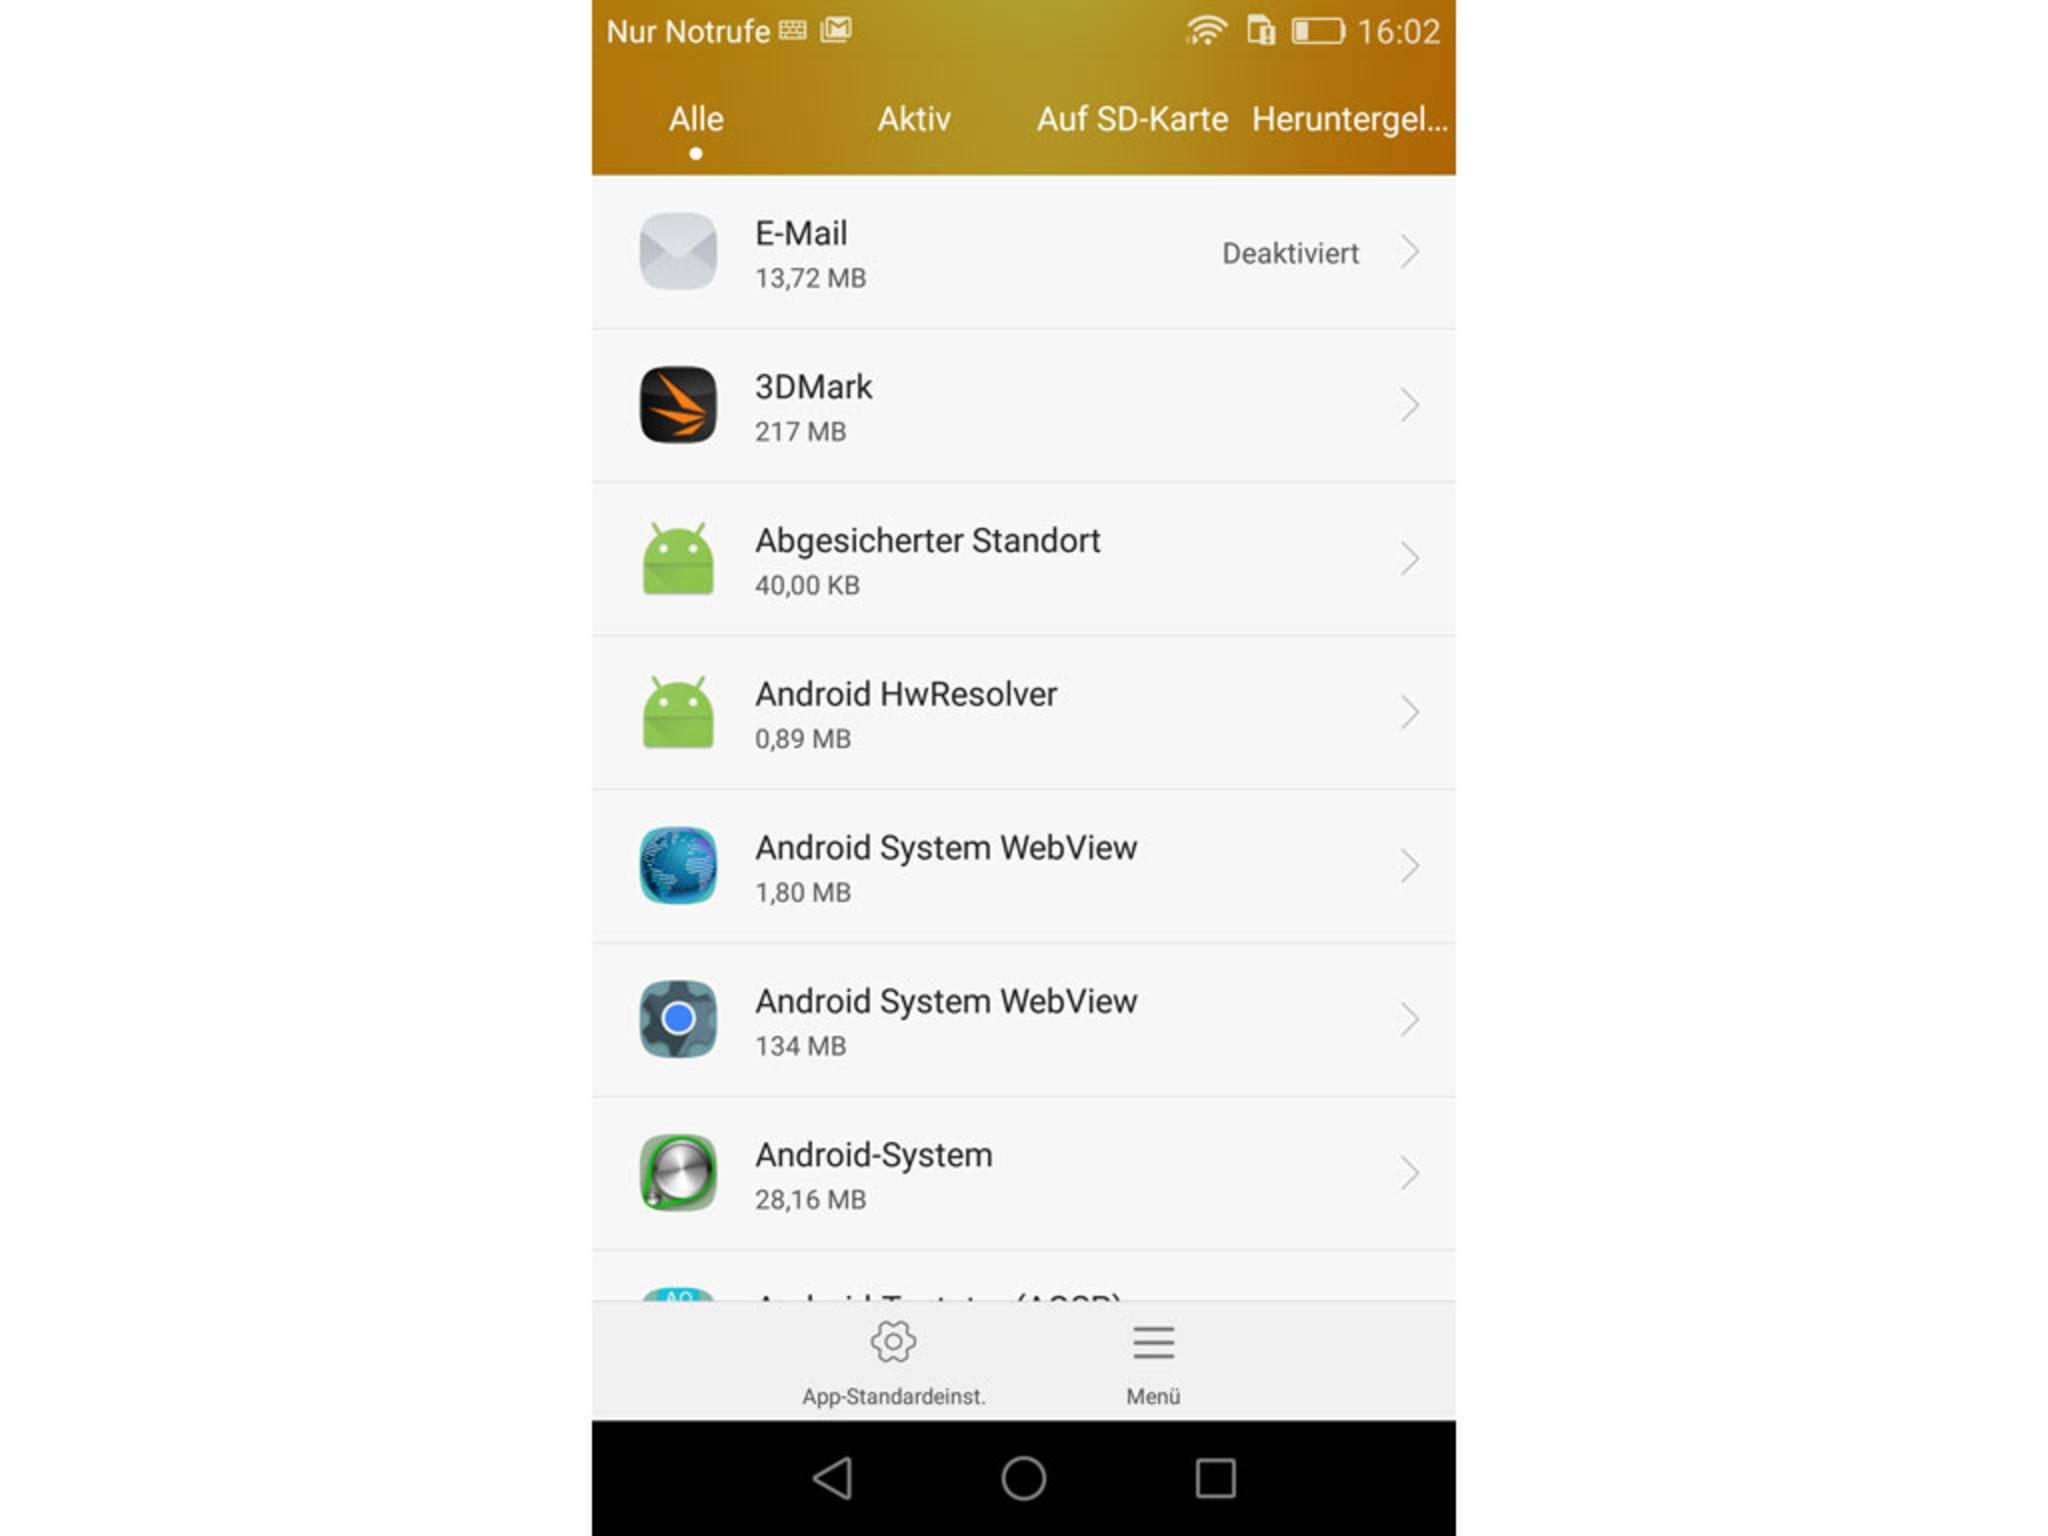 App, um Fotos auf Android zu verstecken